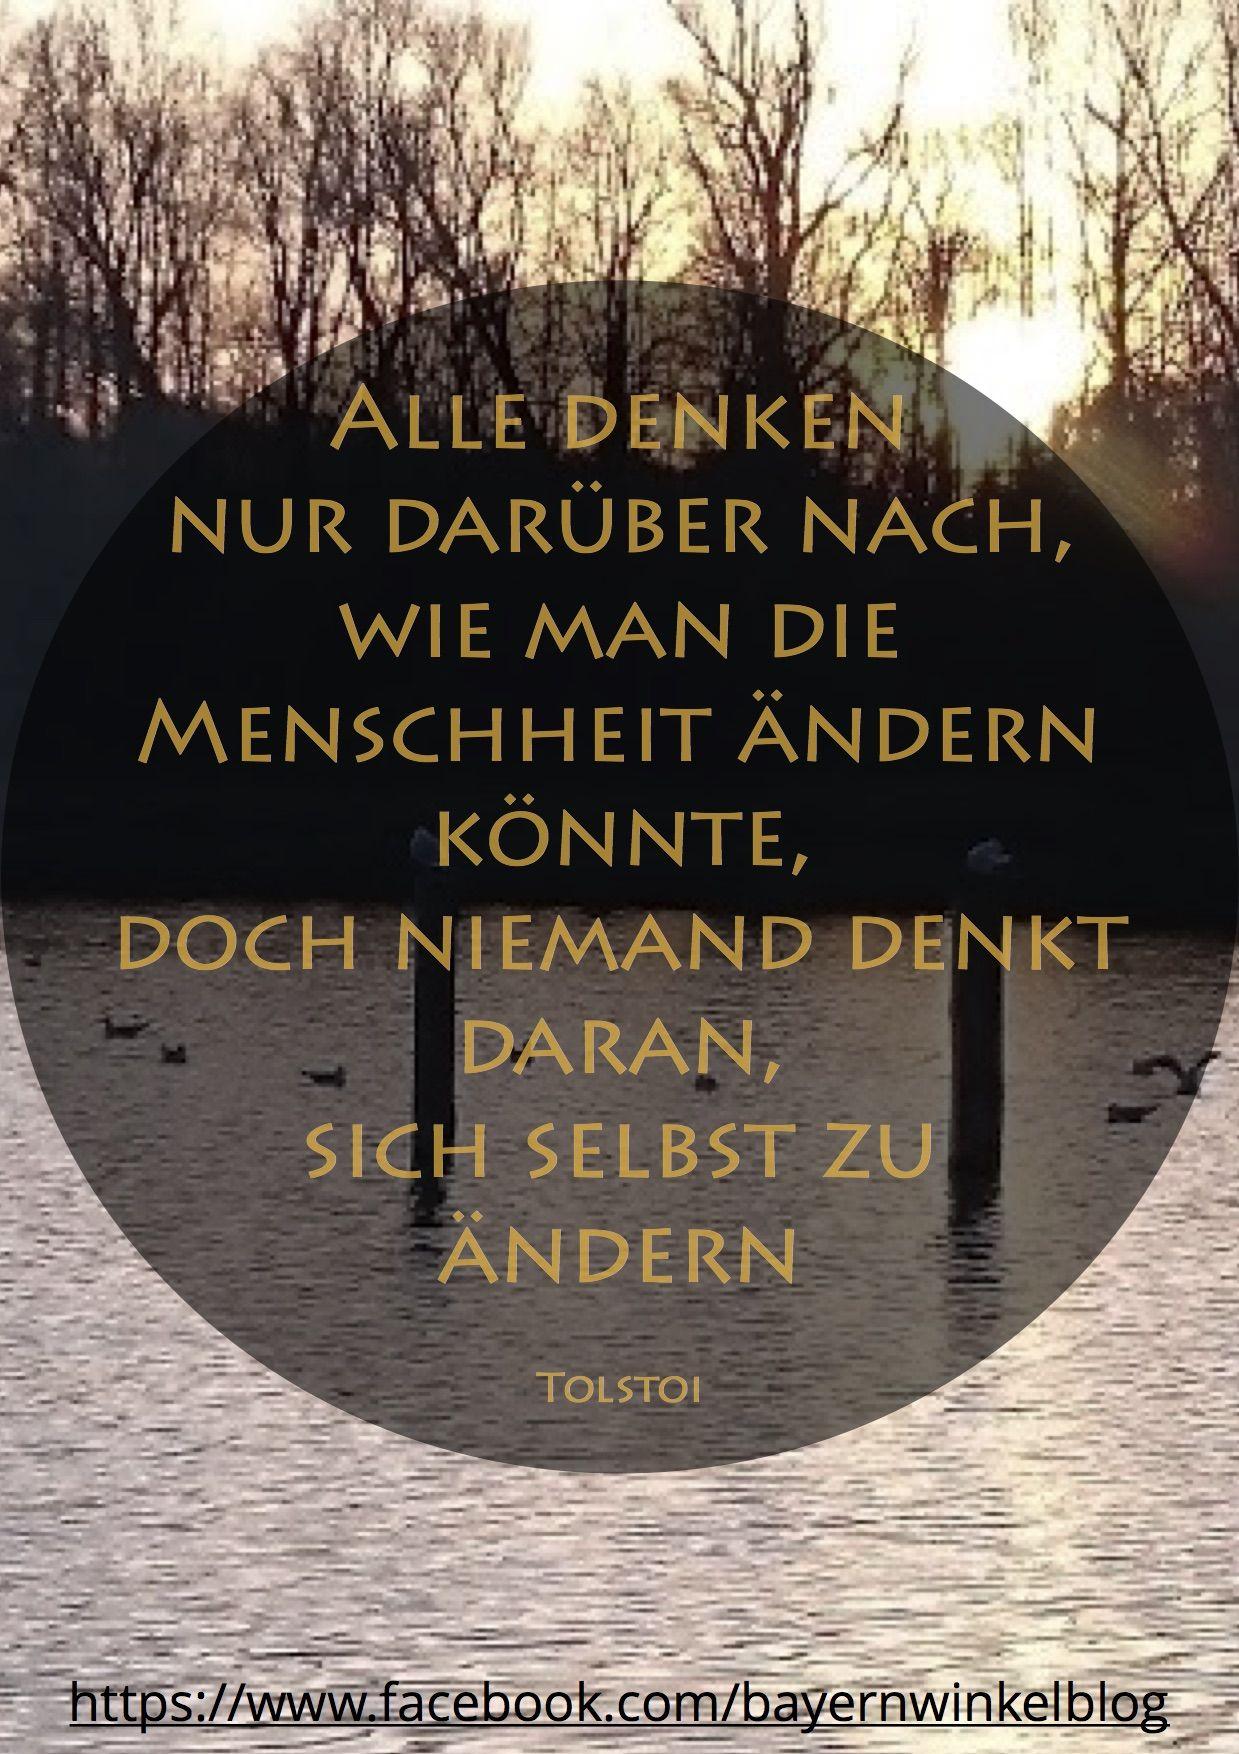 Zitat Spruche Spruchdestages Weisheit Worte Quote Words Wisdom Satnamservushallo Leben Tolstoi